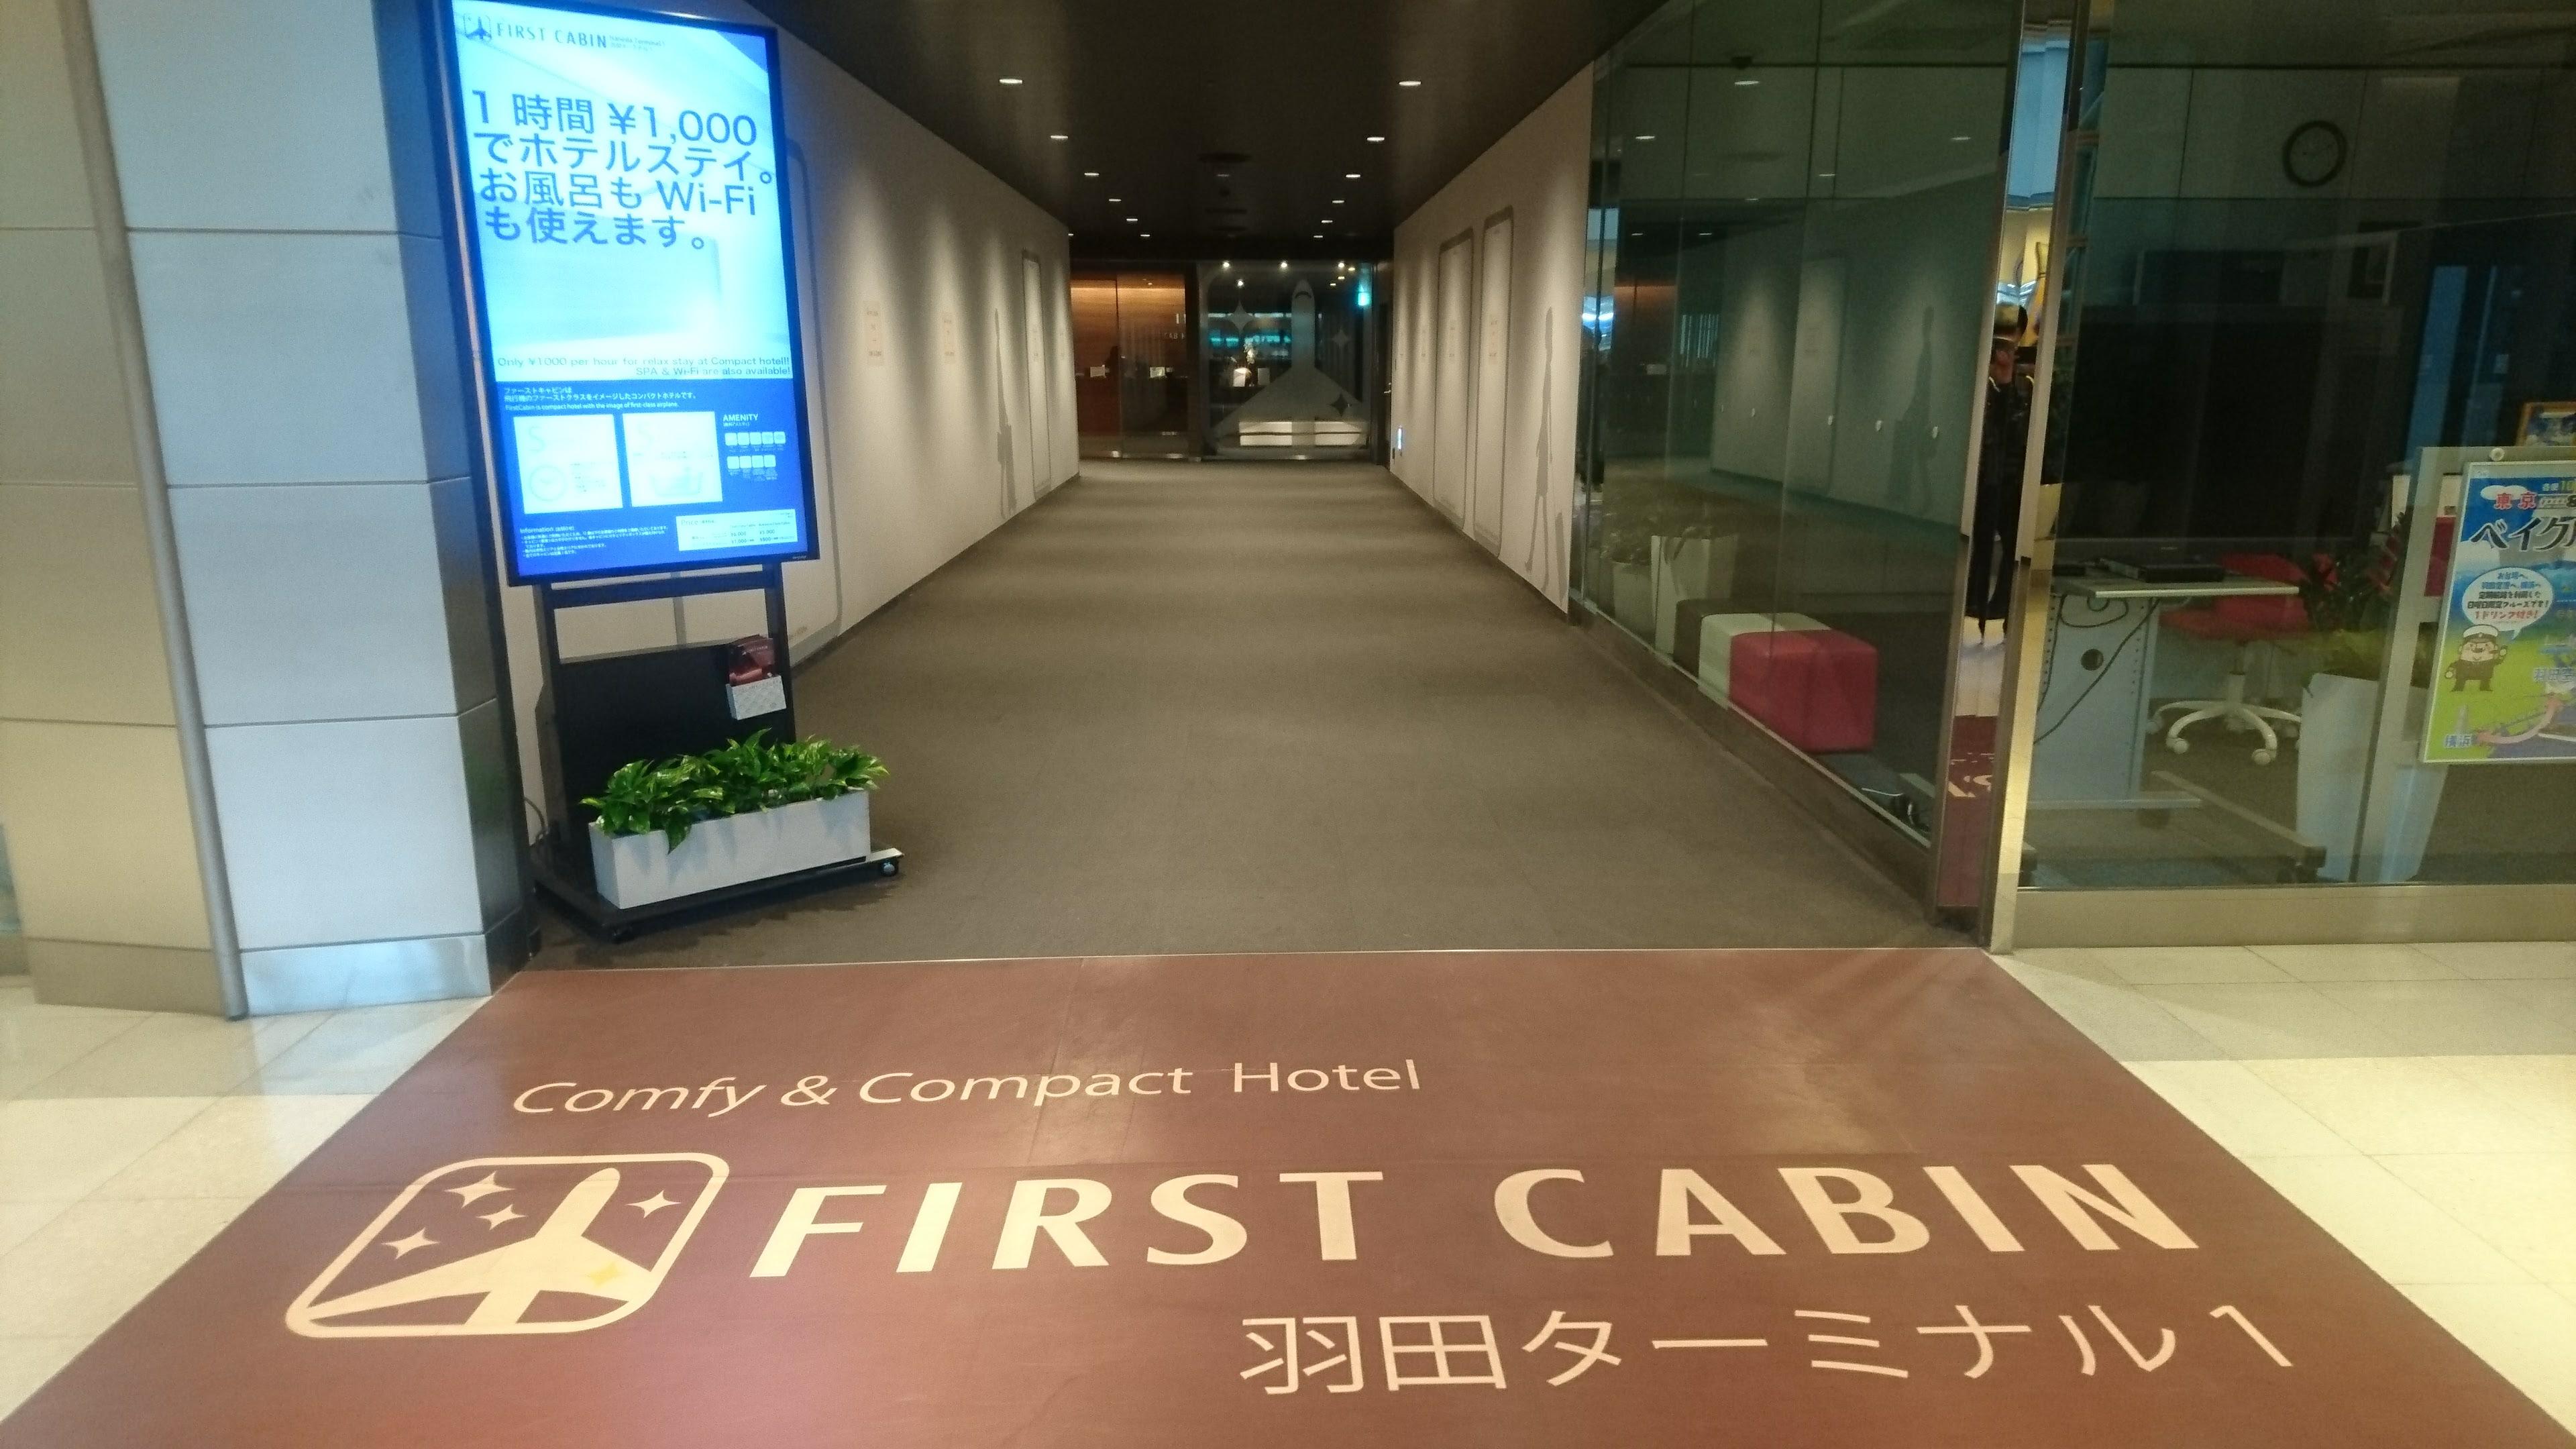 ファーストキャビン羽田ターミナル1